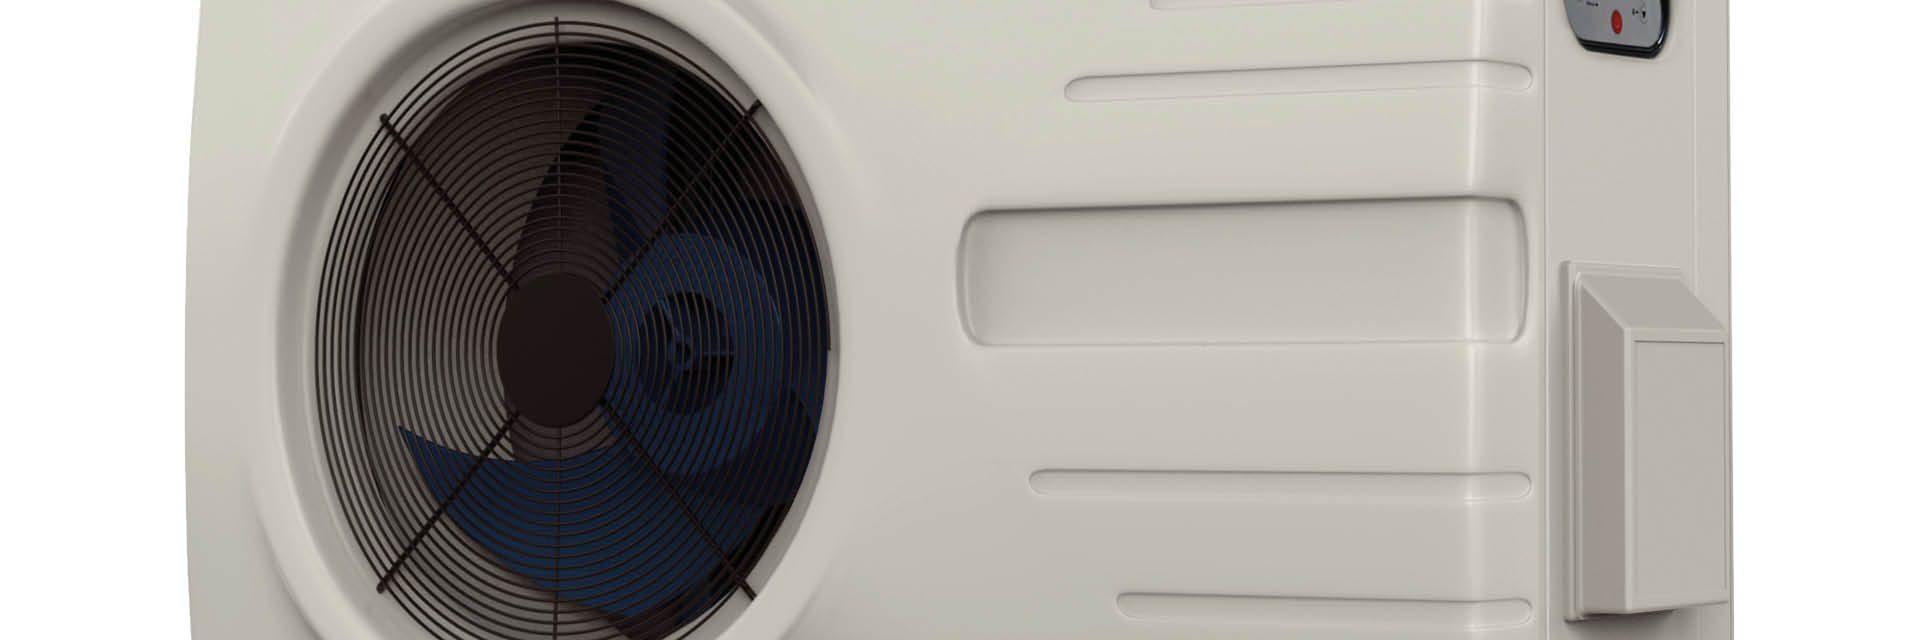 Verwarm uw zwembad met de Teddington zwembad warmtepompen